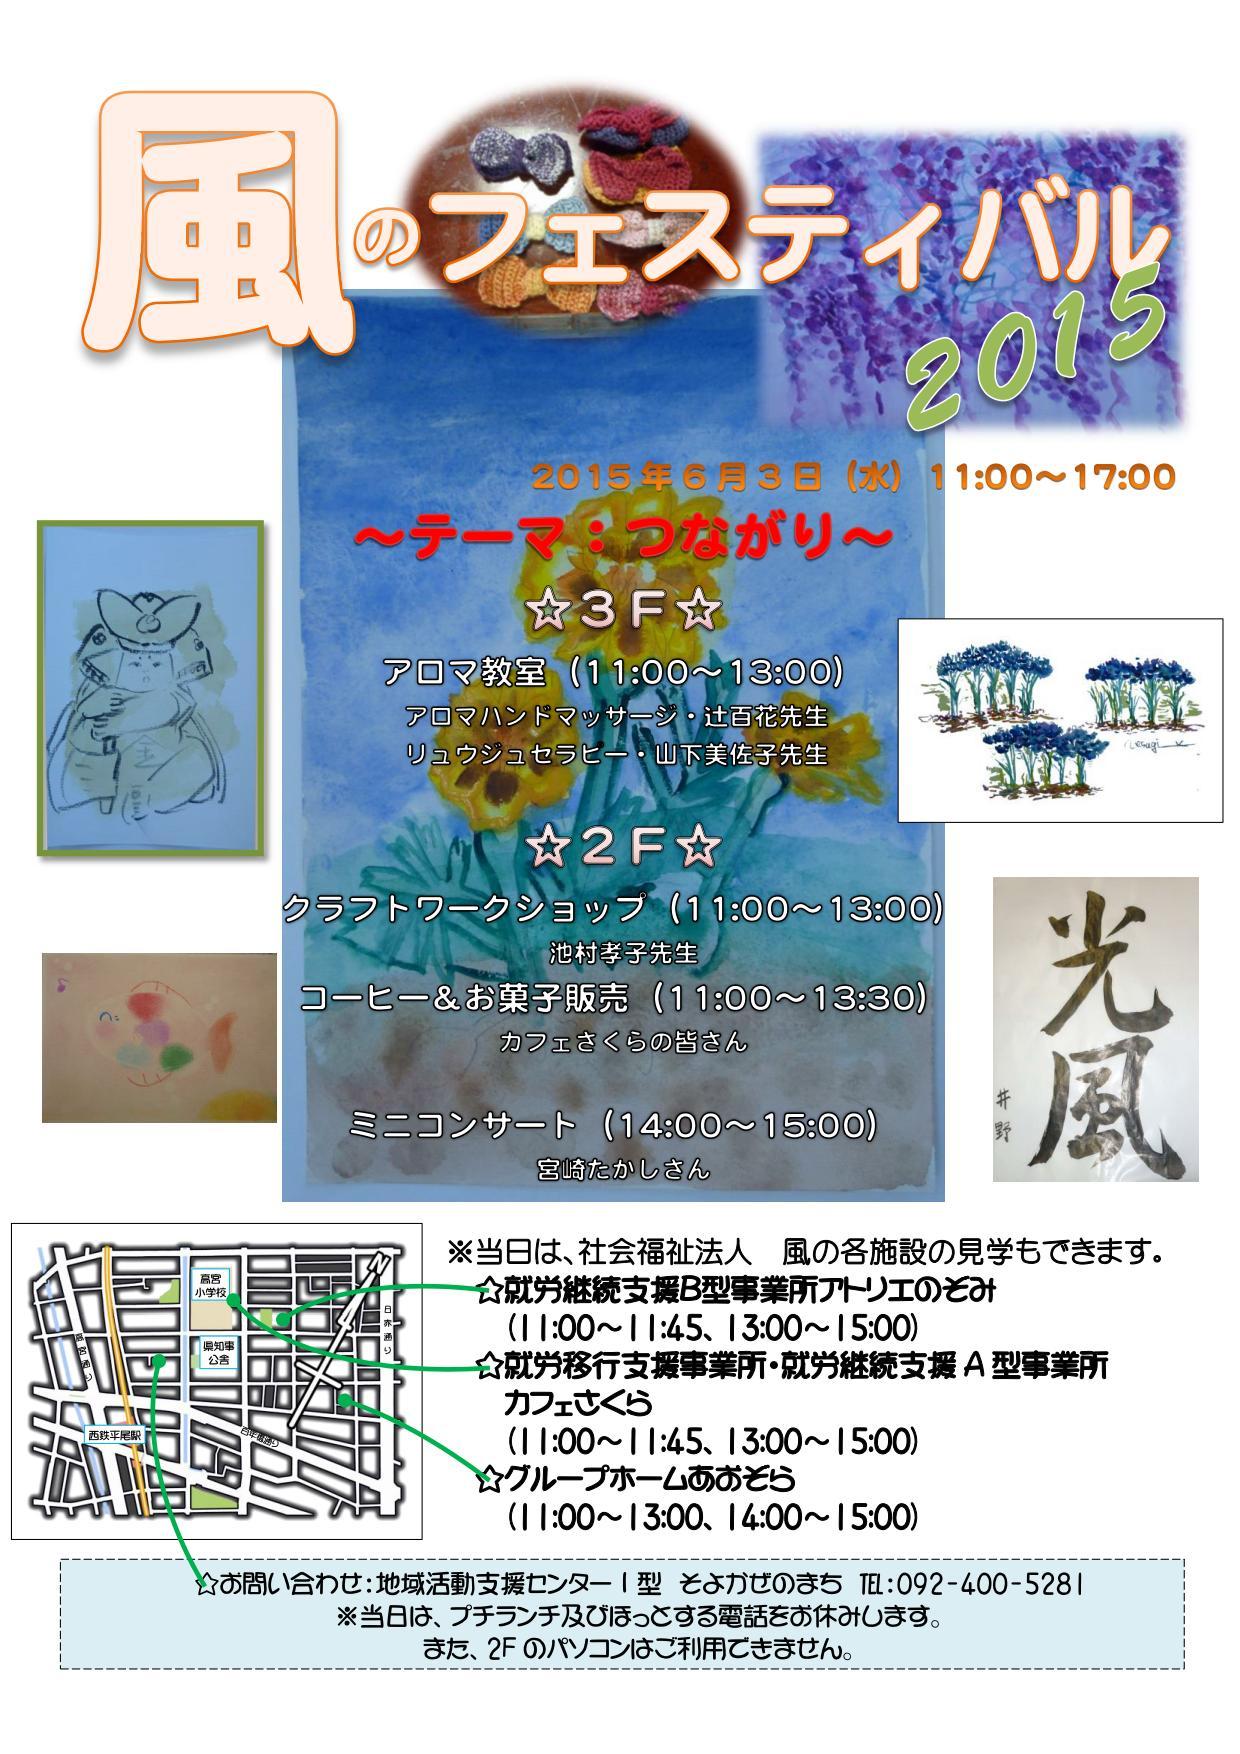 風のフェスティバル2015